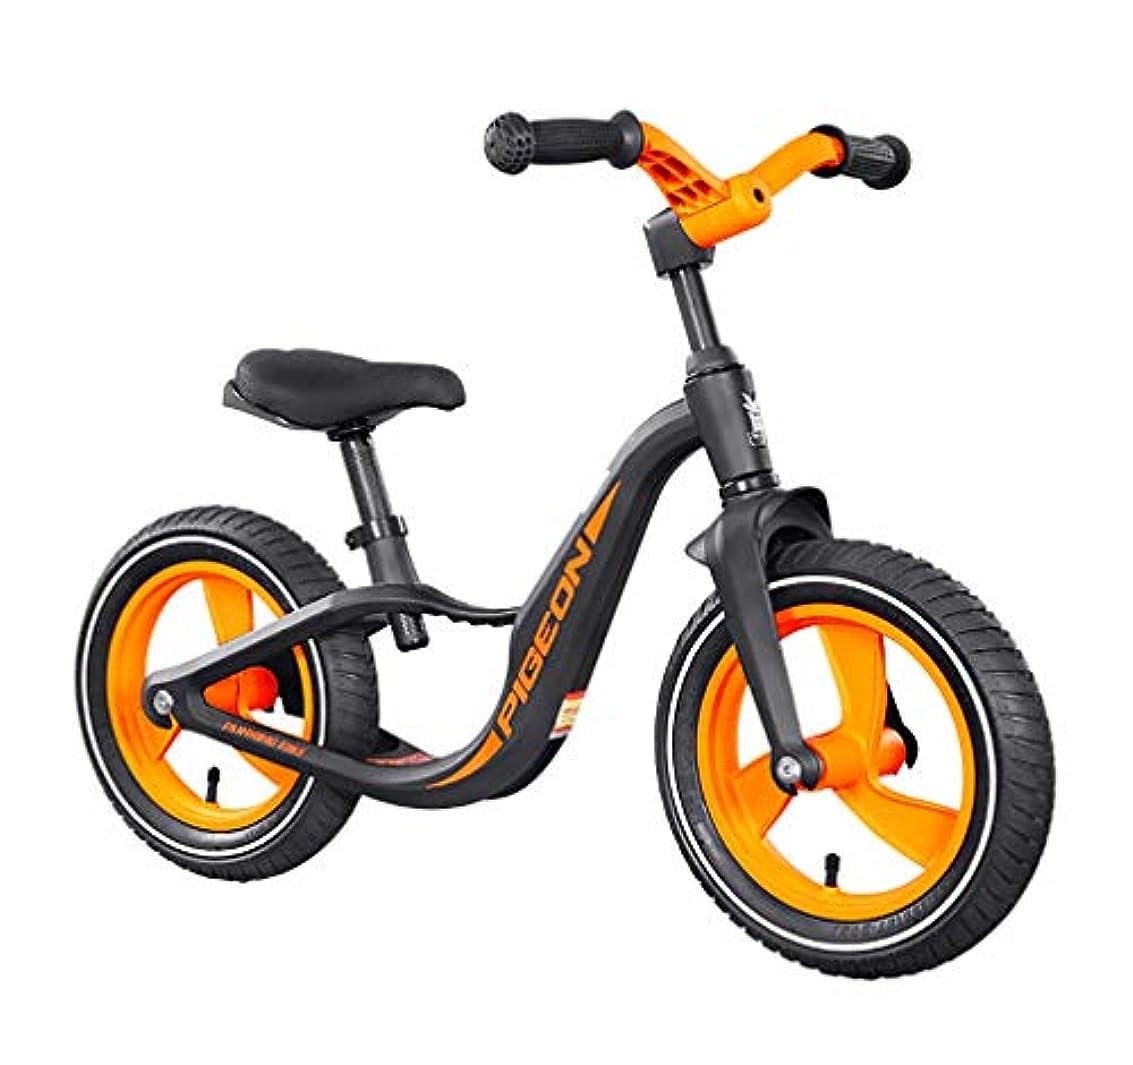 塩所得パーフェルビッド兒童平衡自行車12英寸鋁合金車架無踏板可調節座椅幼兒自行車2-6歲幼兒男孩女孩[易組裝]訓練自行車兒童最佳禮物